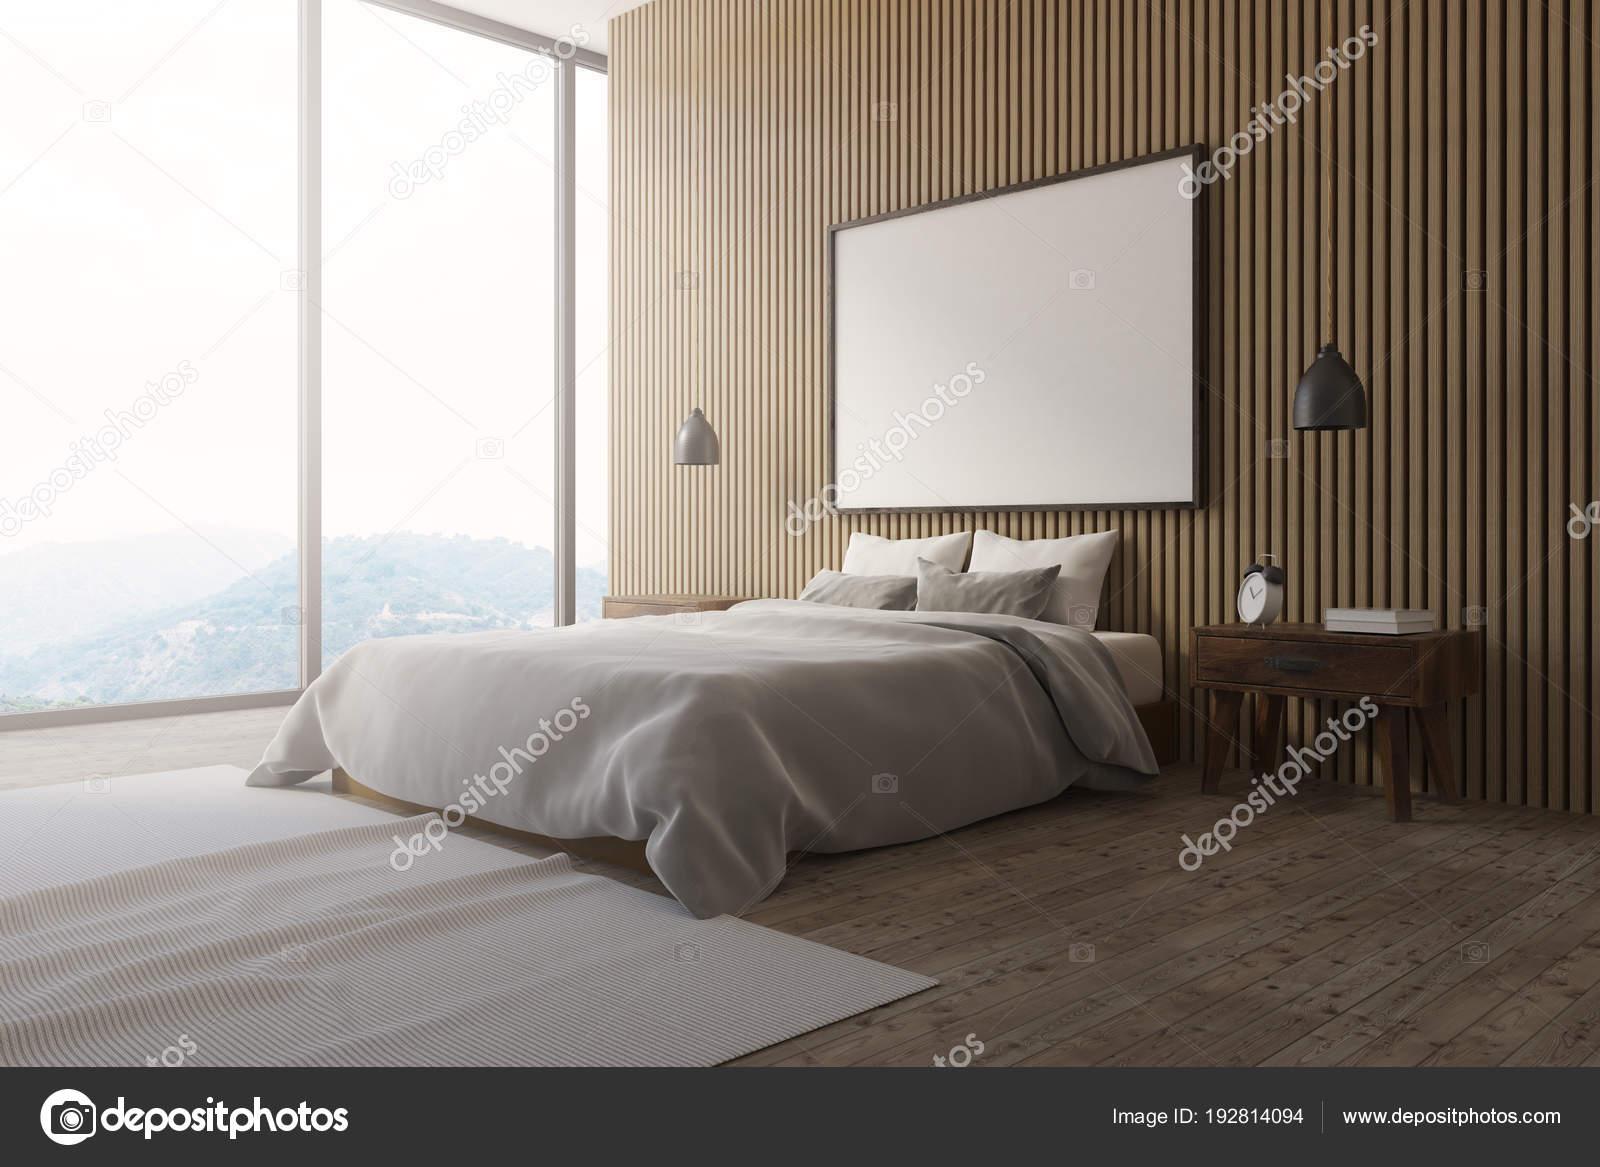 Camera Da Letto Matrimoniale Soppalco : Parete in legno soppalco camera da letto poster interni vista